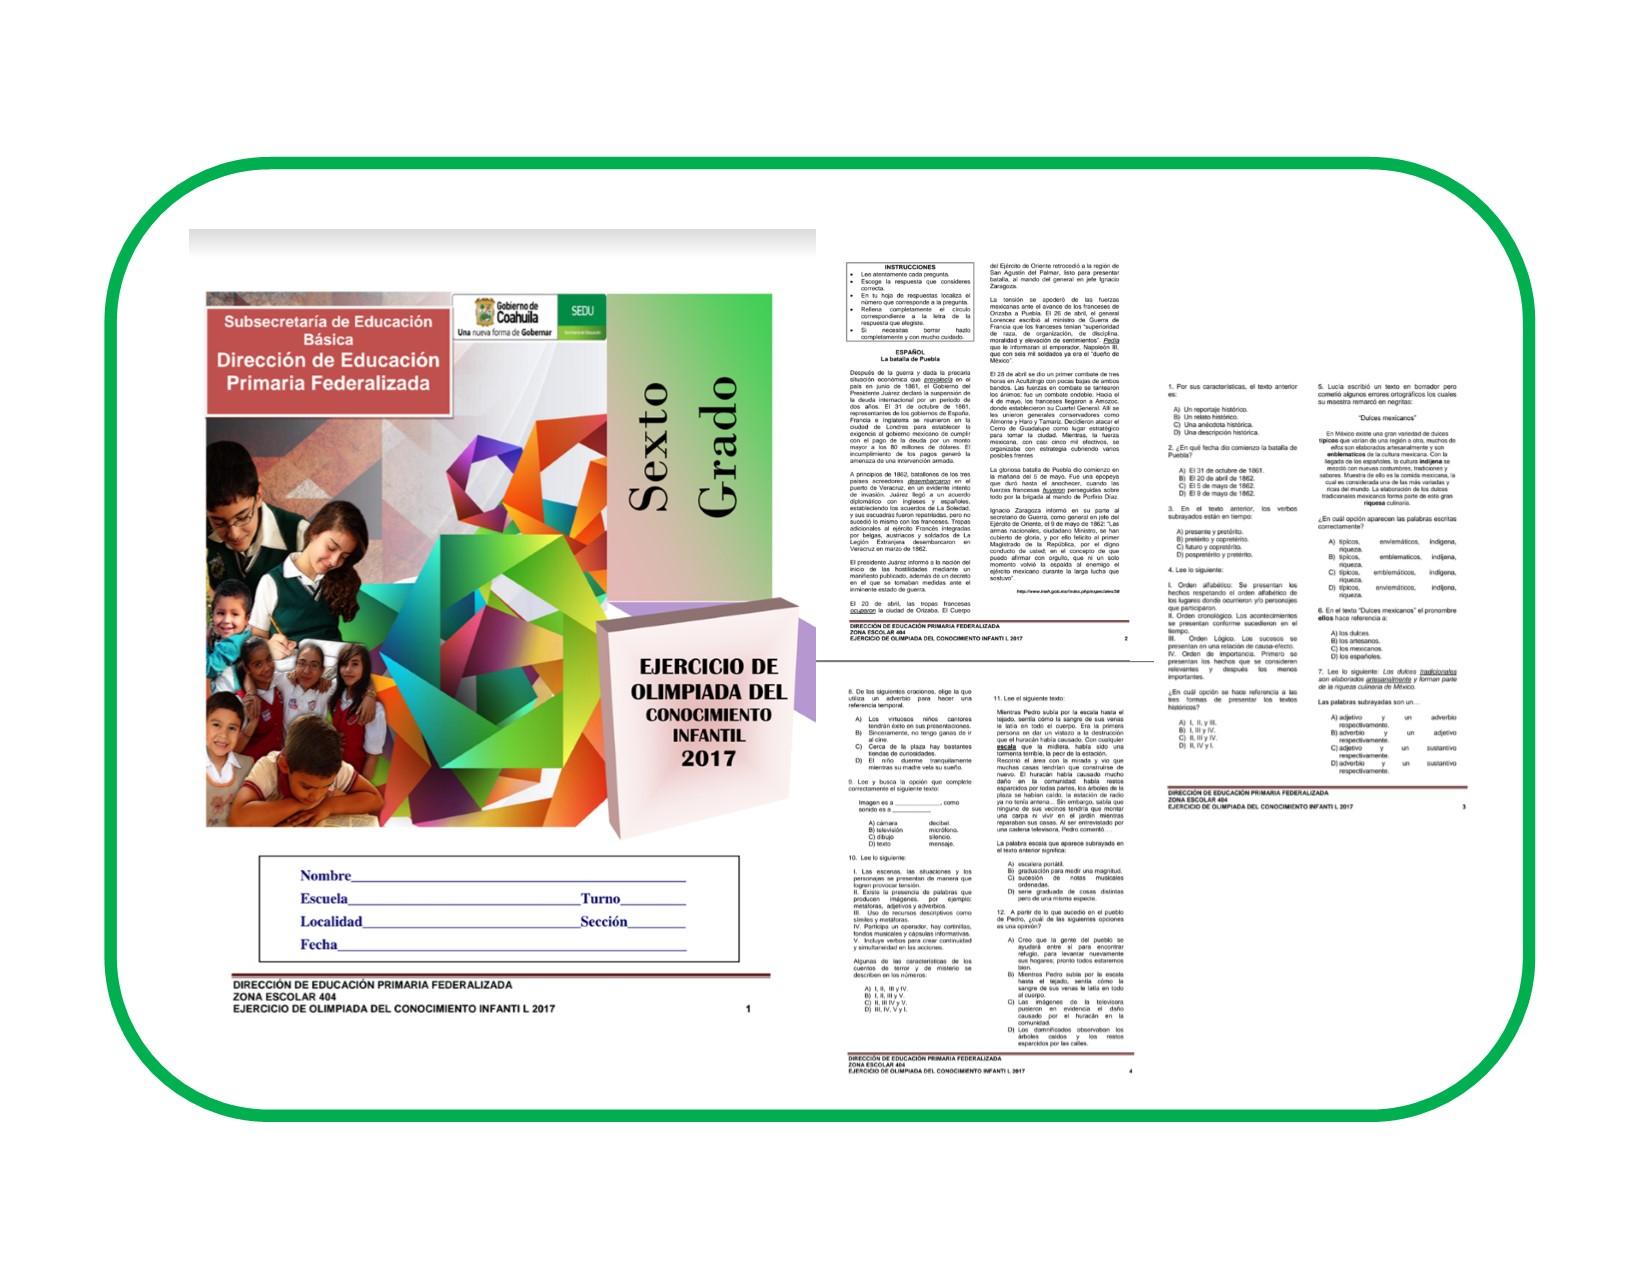 Resultado de imagen para olimpiada del conocimiento 2017 coahuila